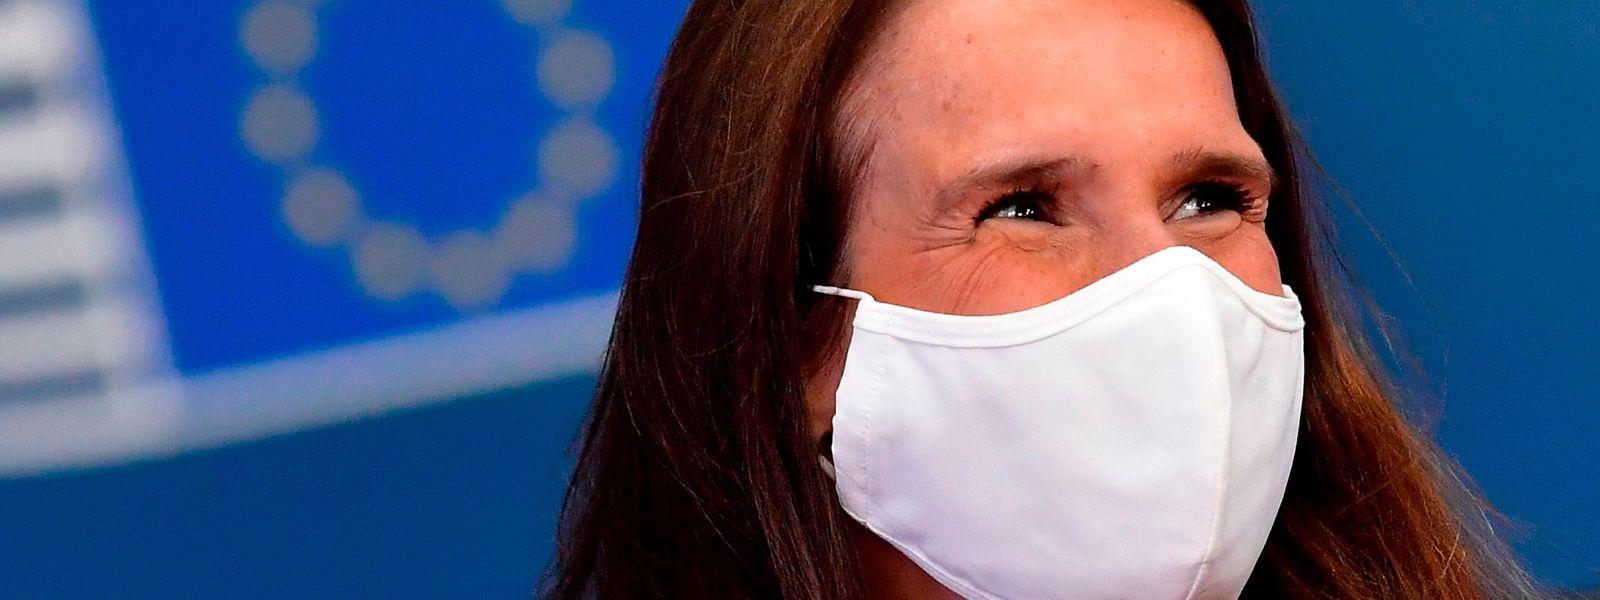 Si la Première ministre Sophie Wilmès a géré l'urgence de la pandémie sanitaire, la relance nécessiterait elle un «vrai gouvernement», estime le patron de la FEB, Pieter Timmermans.